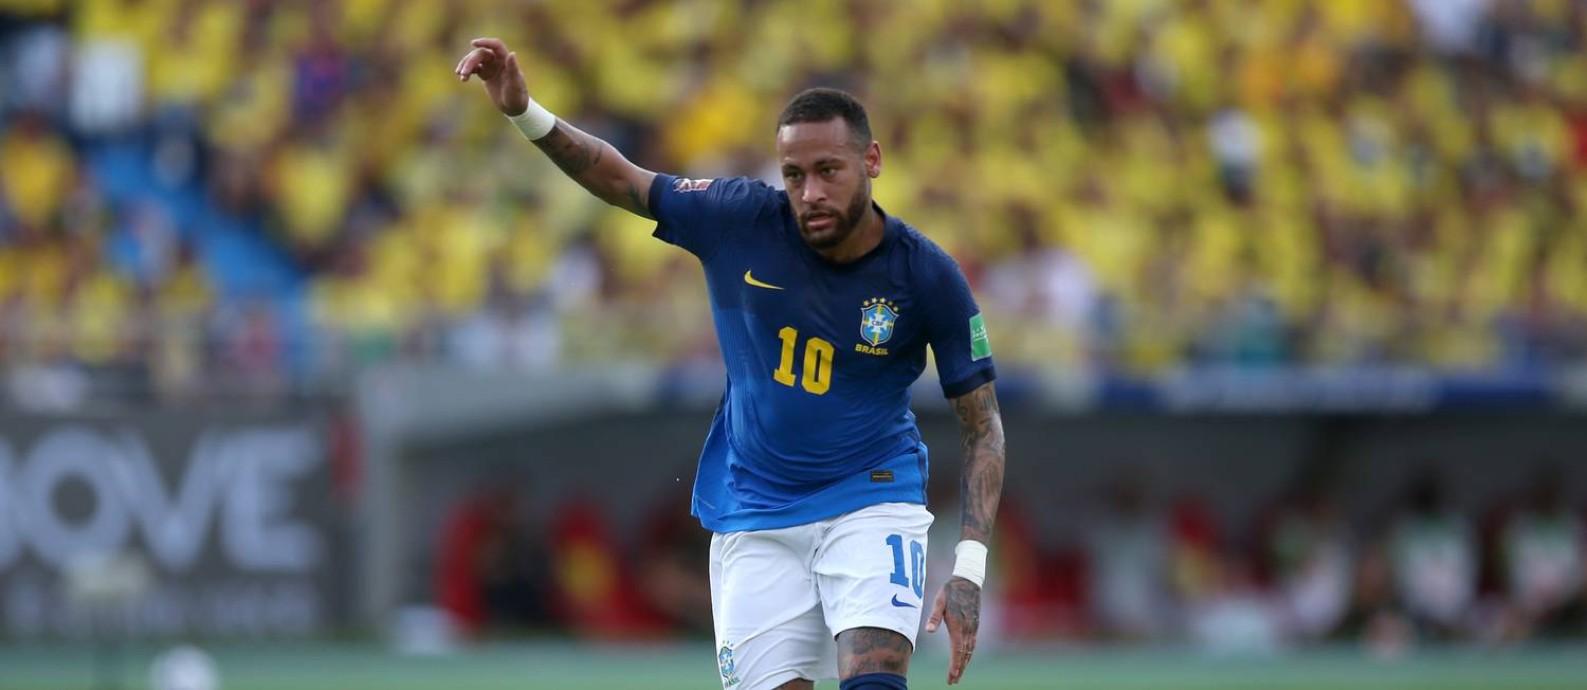 Neymar tenta jogada na partida contra a Colômbia Foto: LUISA GONZALEZ / REUTERS